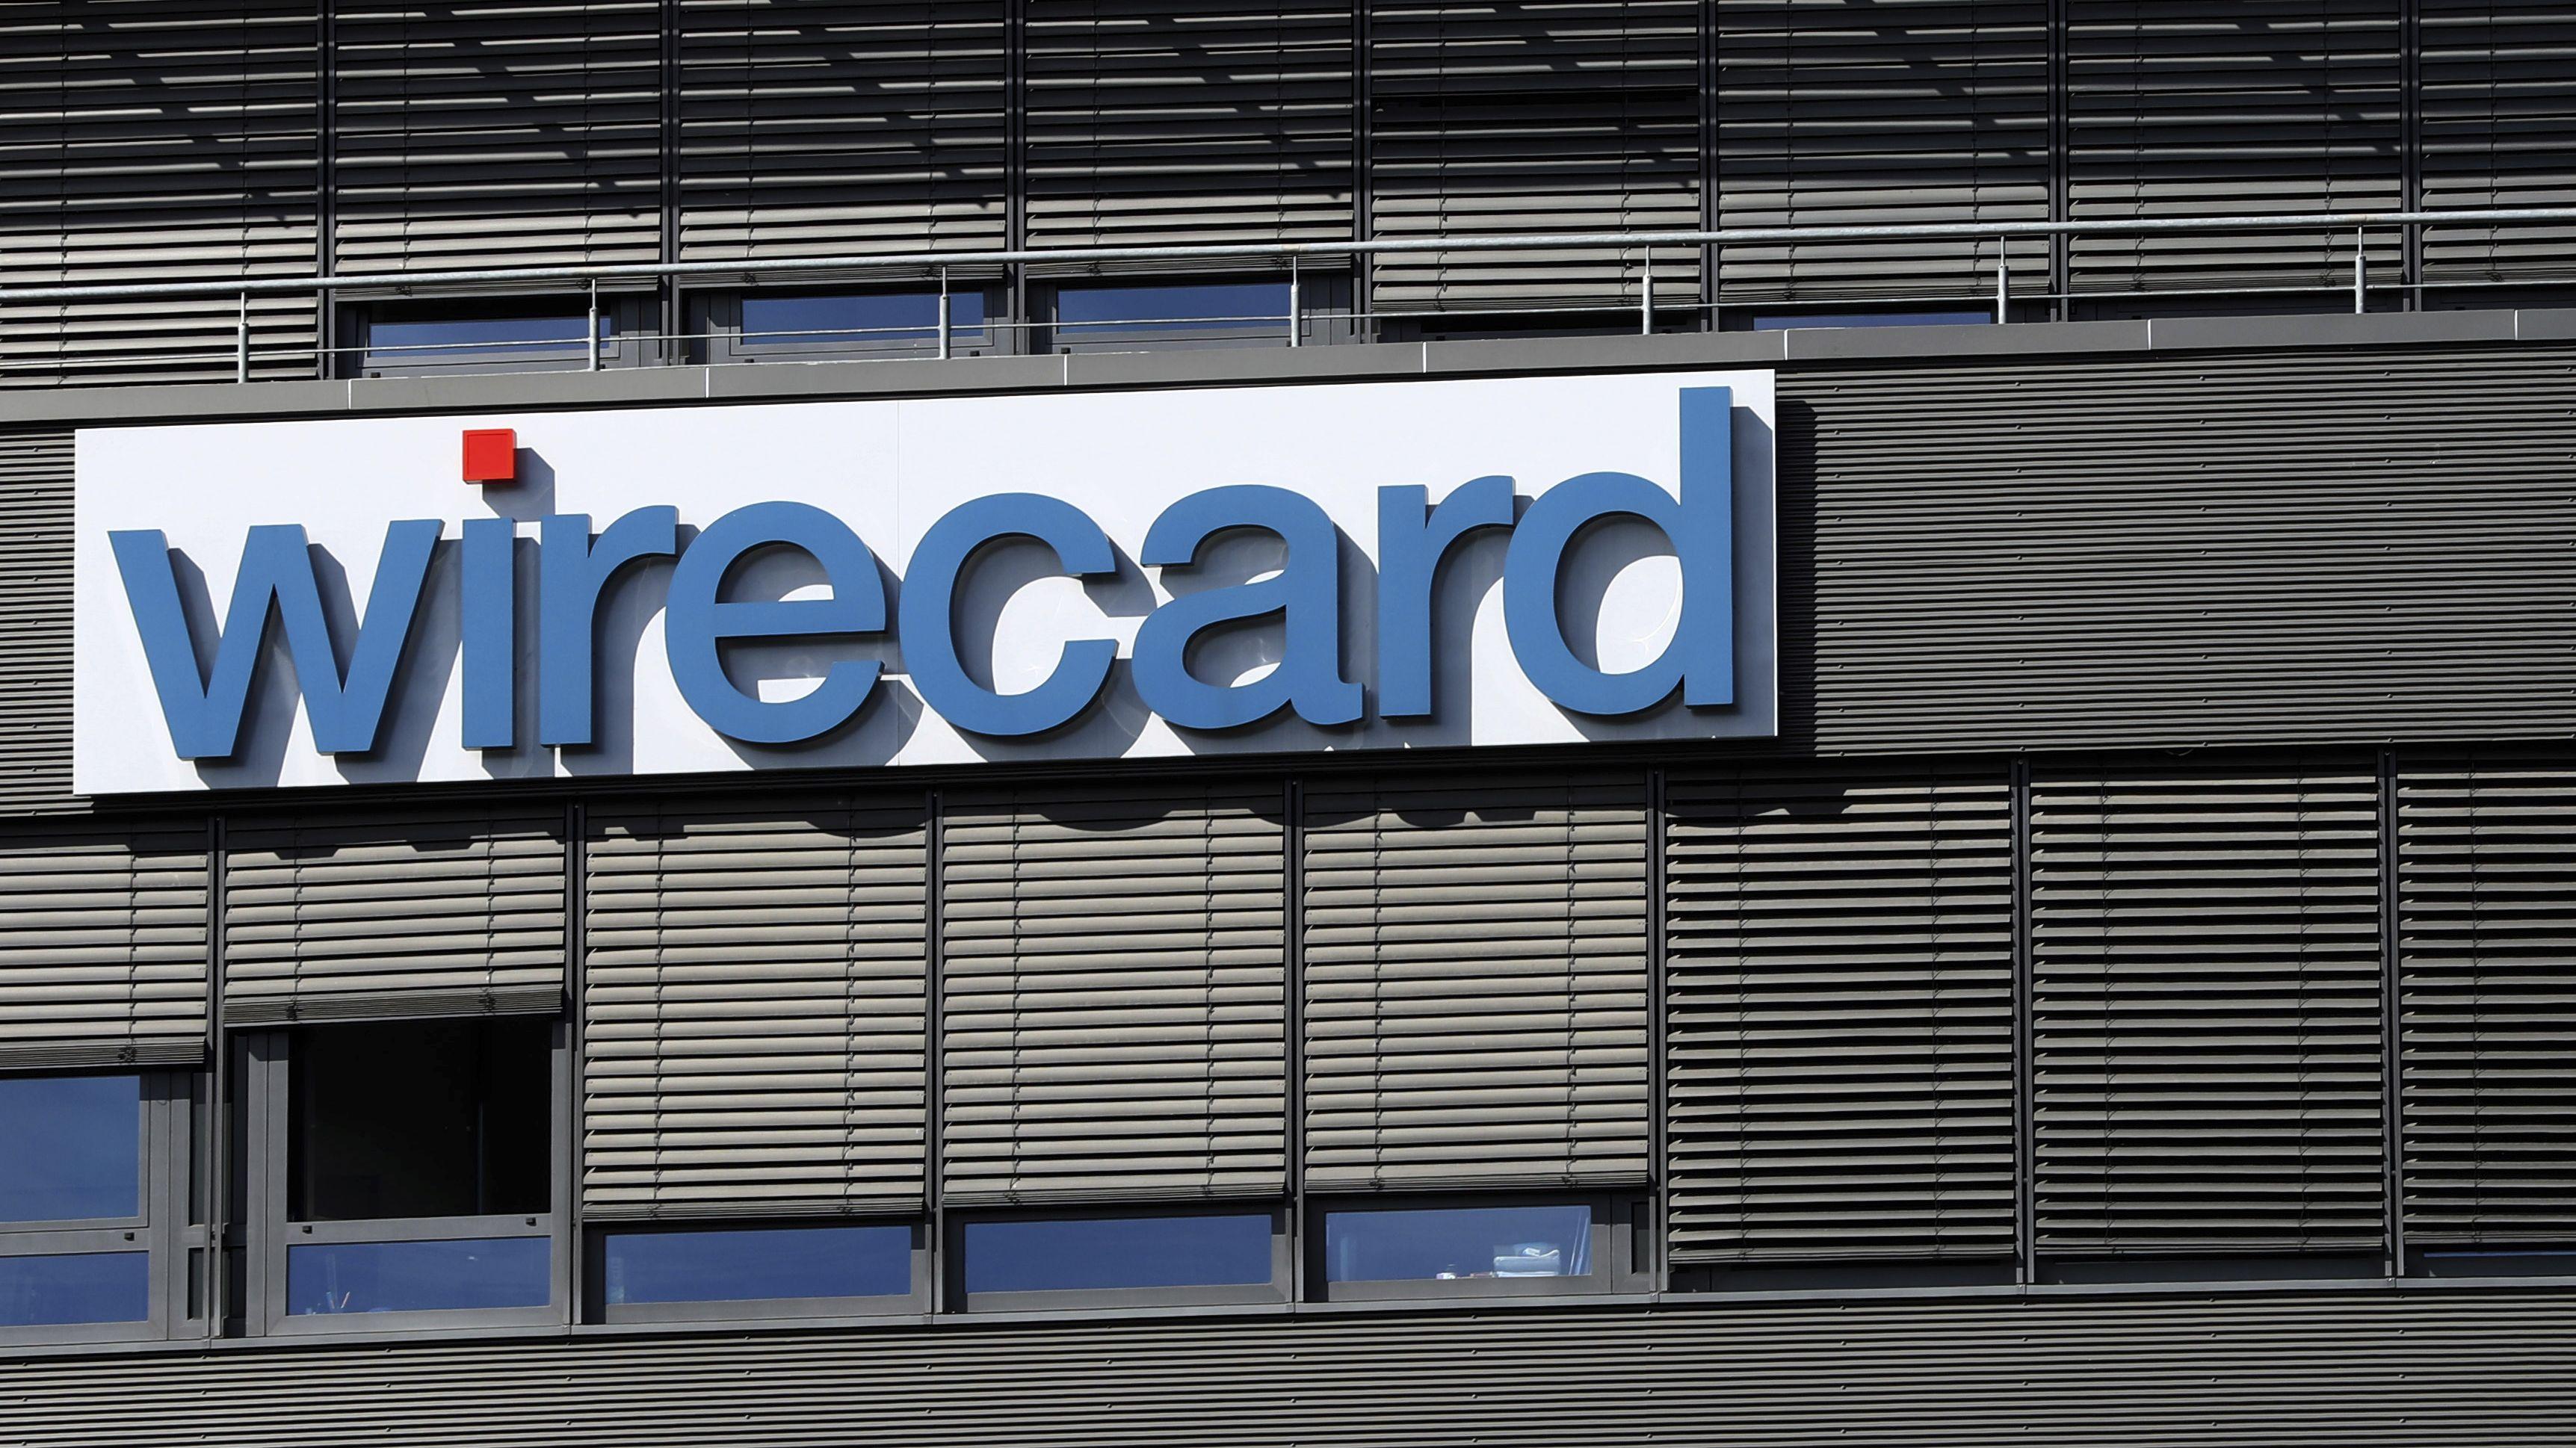 Der Schriftzug des Zahlungsdienstleisters Wirecard in Aschheim bei München an der Fassade der Firmenzentrale.